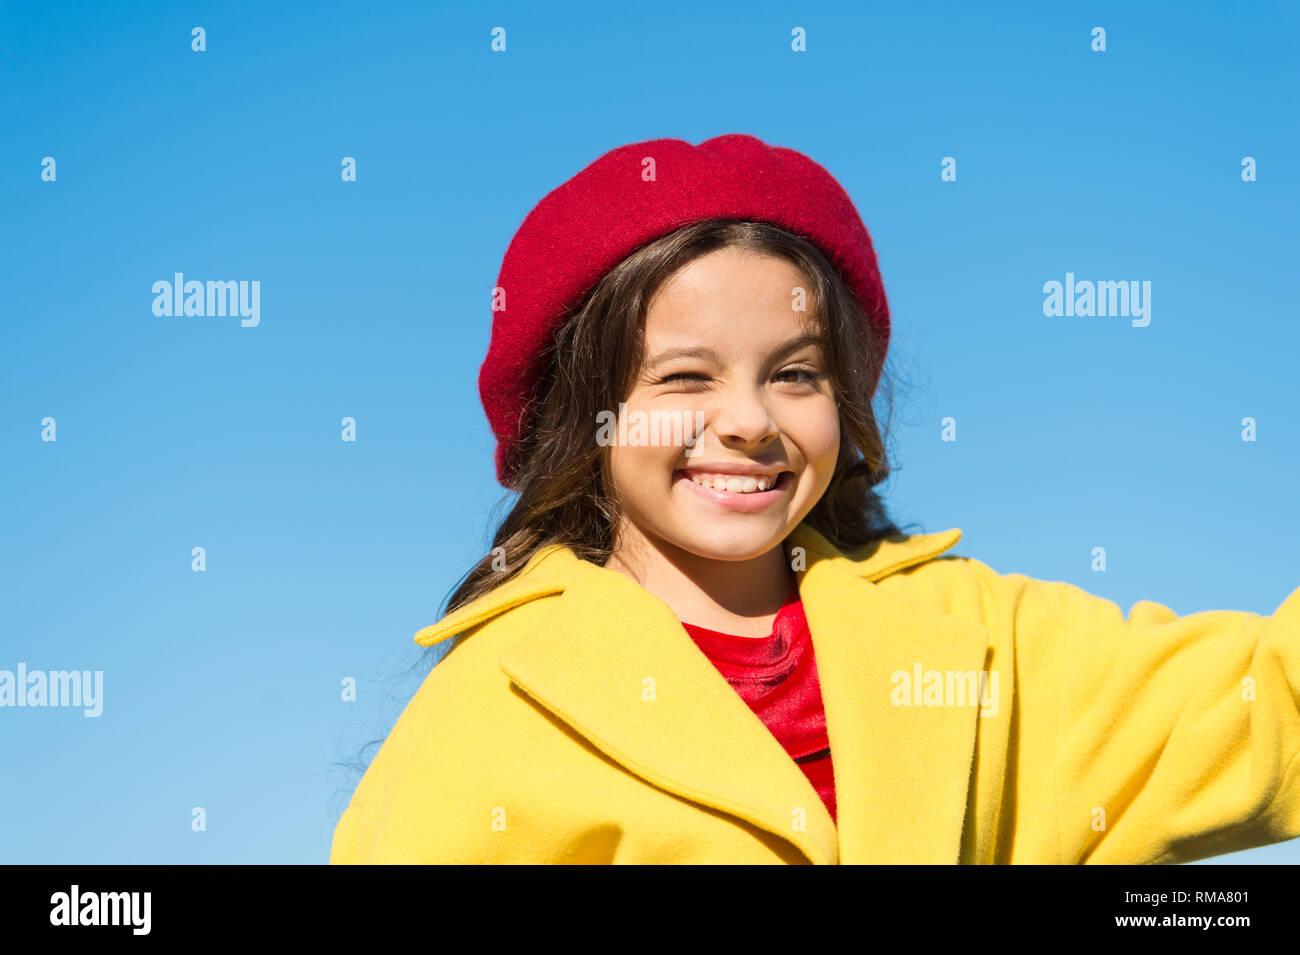 Cose che andrà bene. Wink ragazza faccia allegra cielo blu sullo sfondo. Kid ragazza indossare cappello e il cappotto allegro soddisfatti di tutto. Buon umore emozioni positive. Giocoso bambino allegro espressione. Immagini Stock